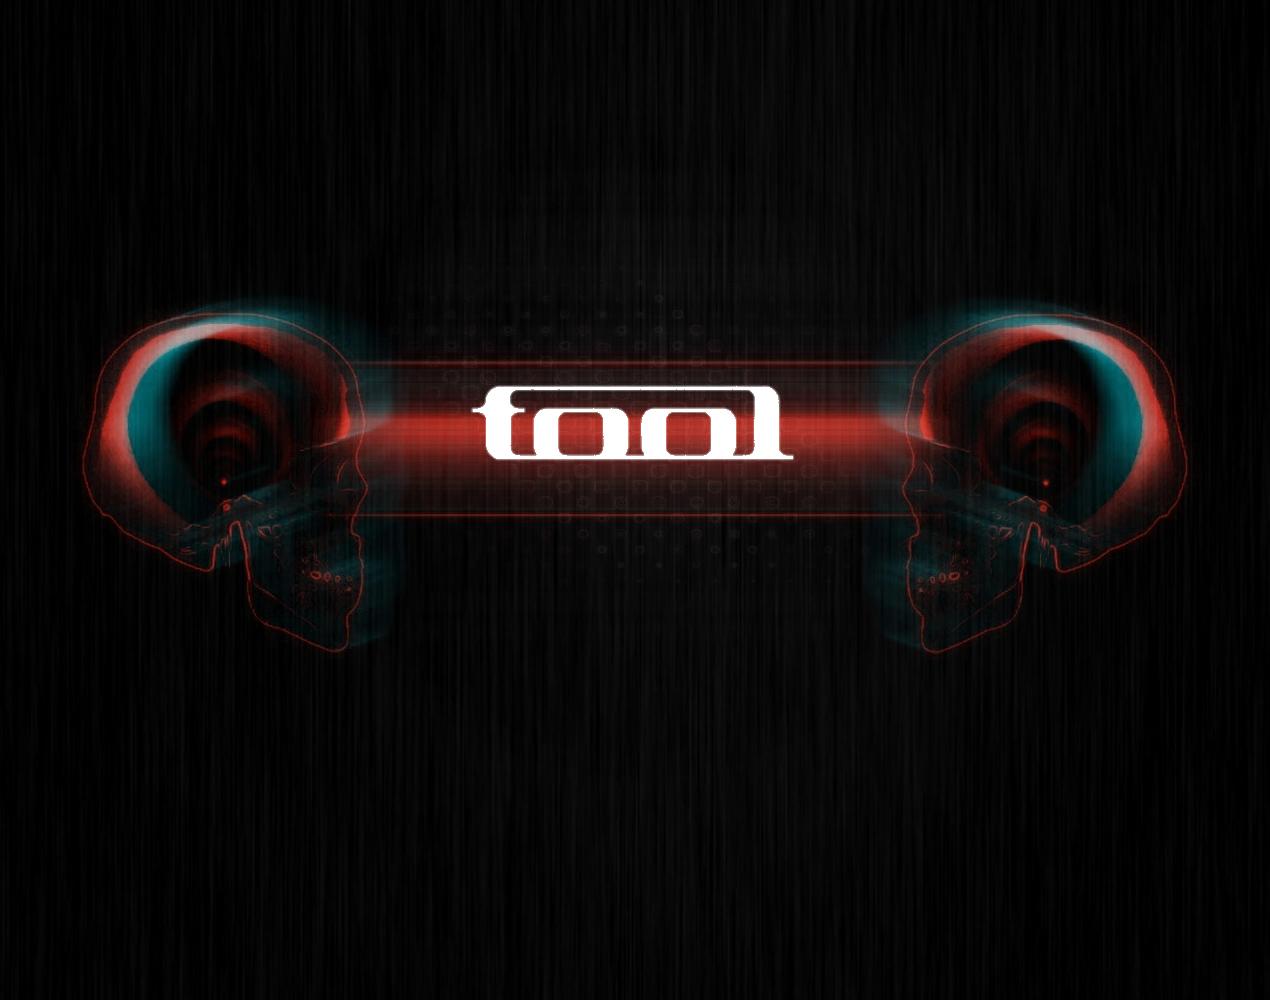 pin tool band wallpaper - photo #15